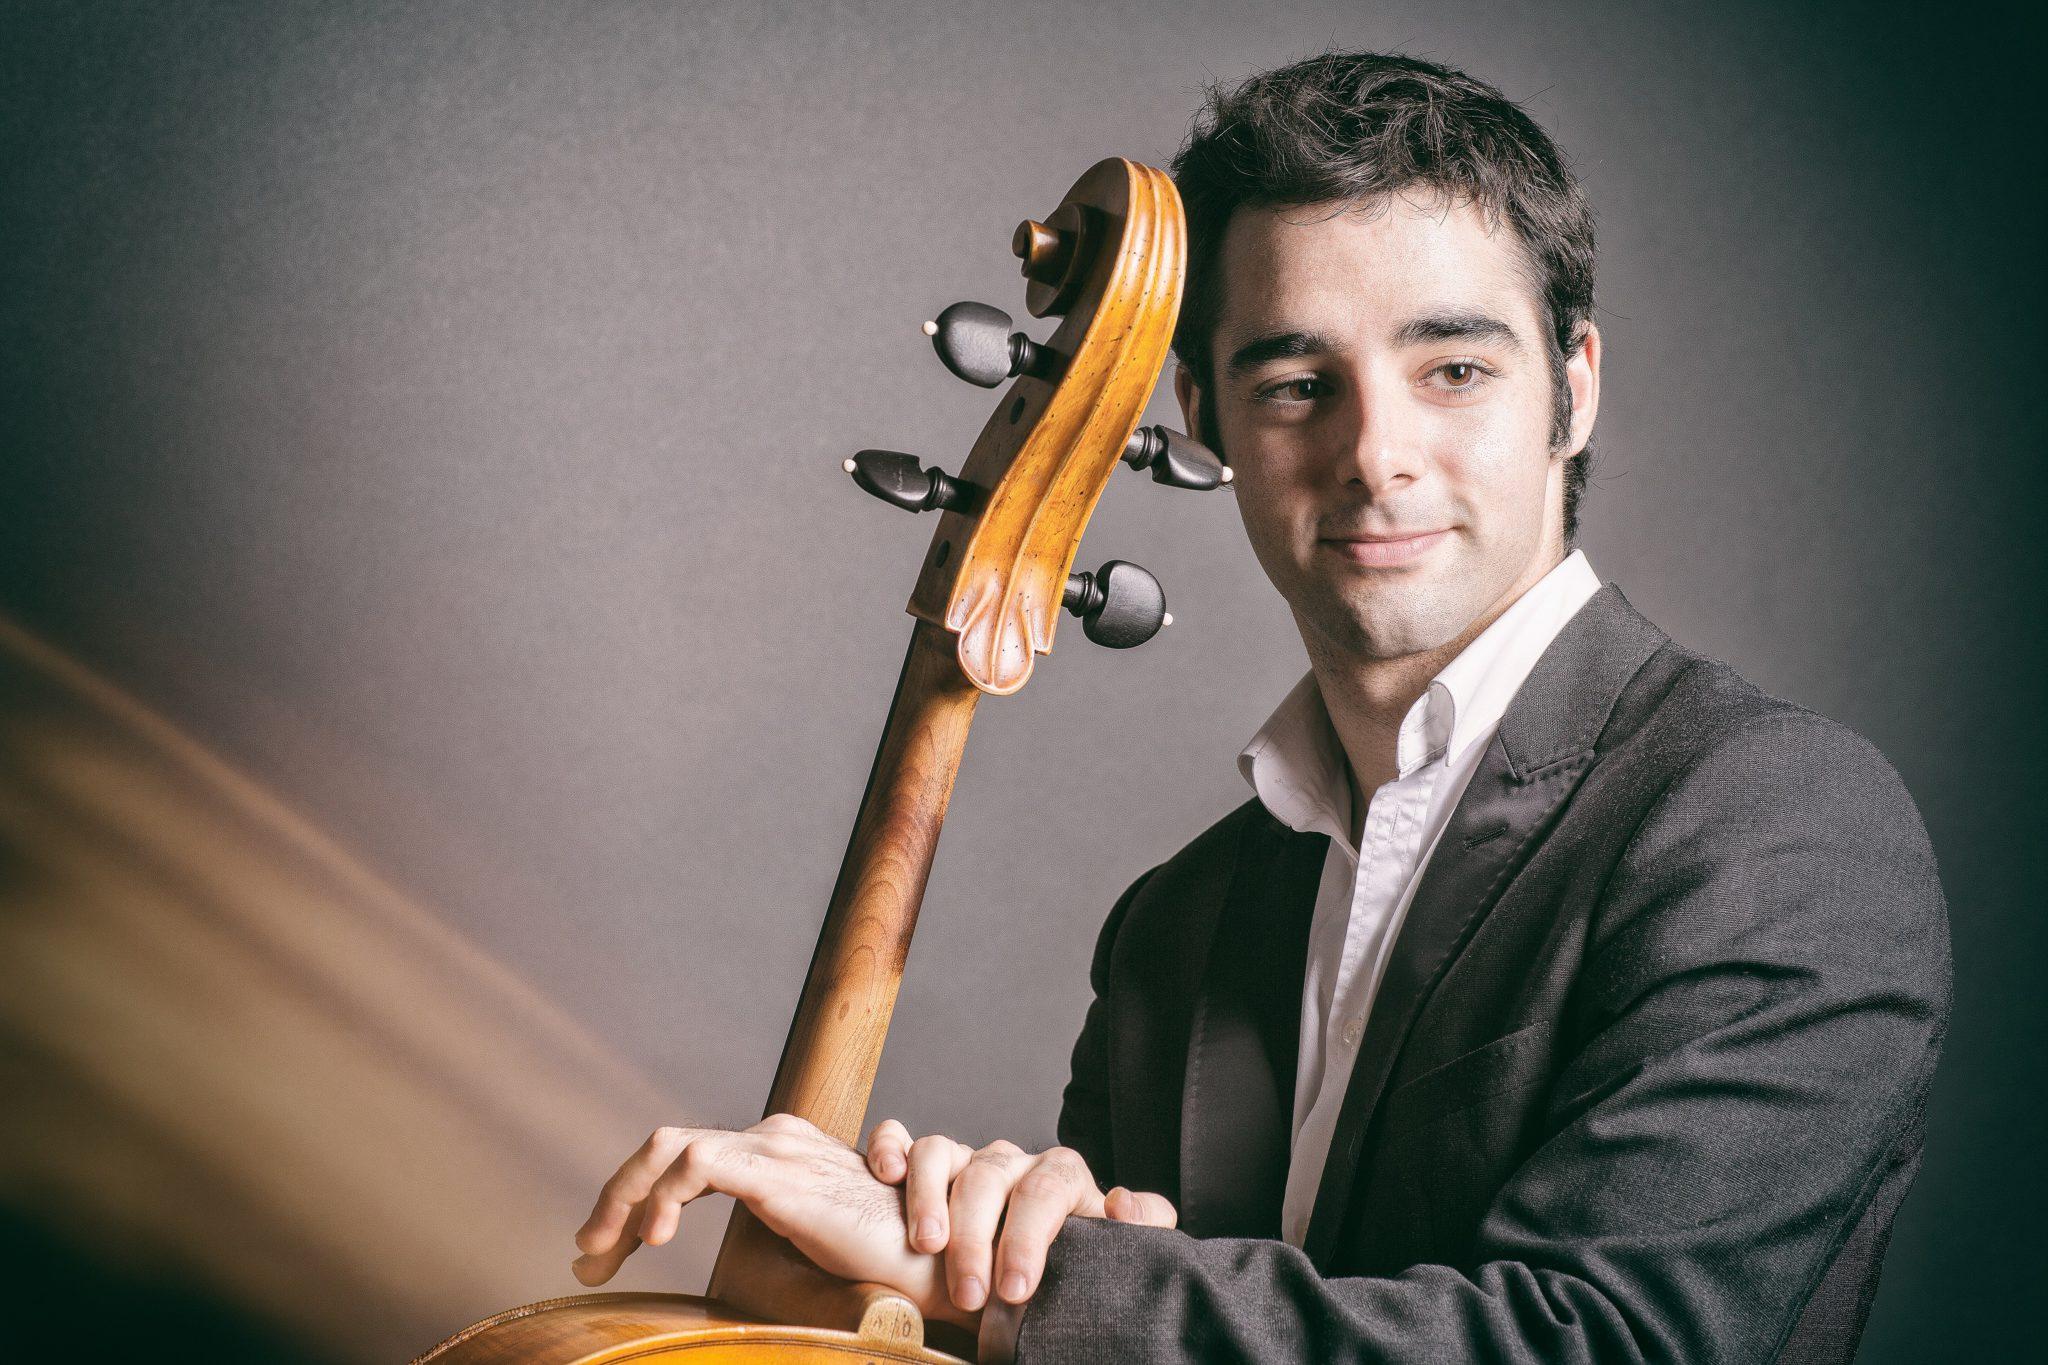 Pablo Ferrández